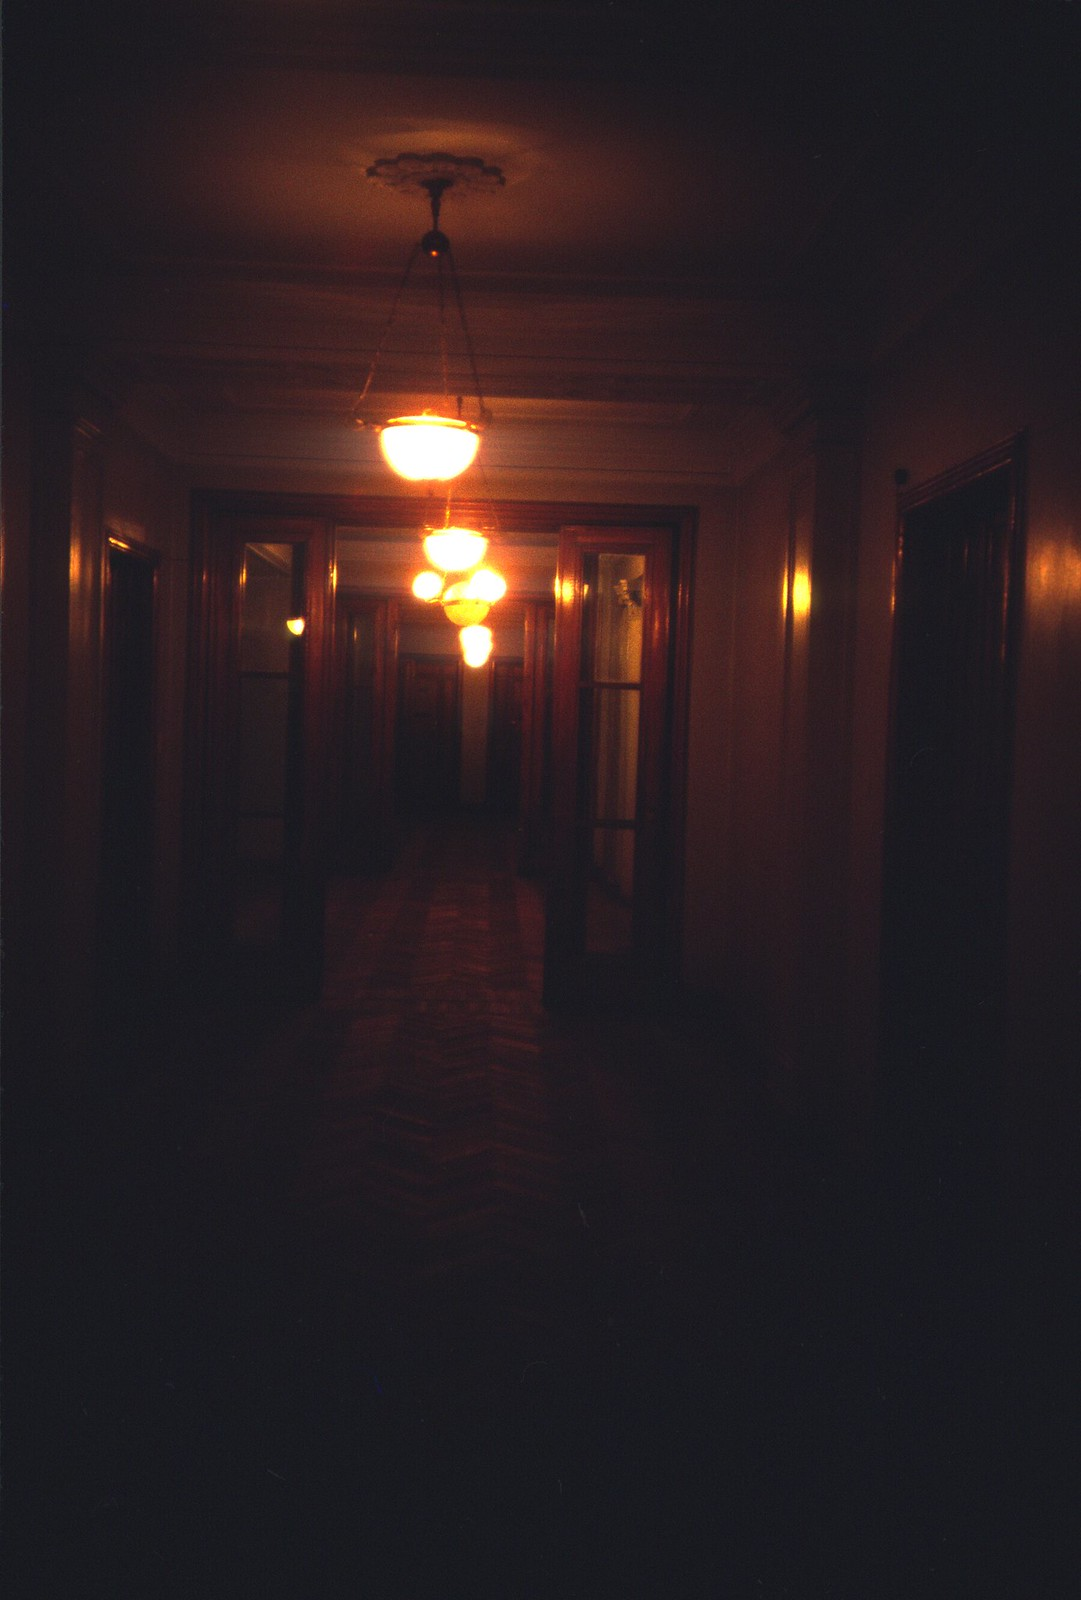 Площадь Восстания. 2 этаж, внутренний коридор